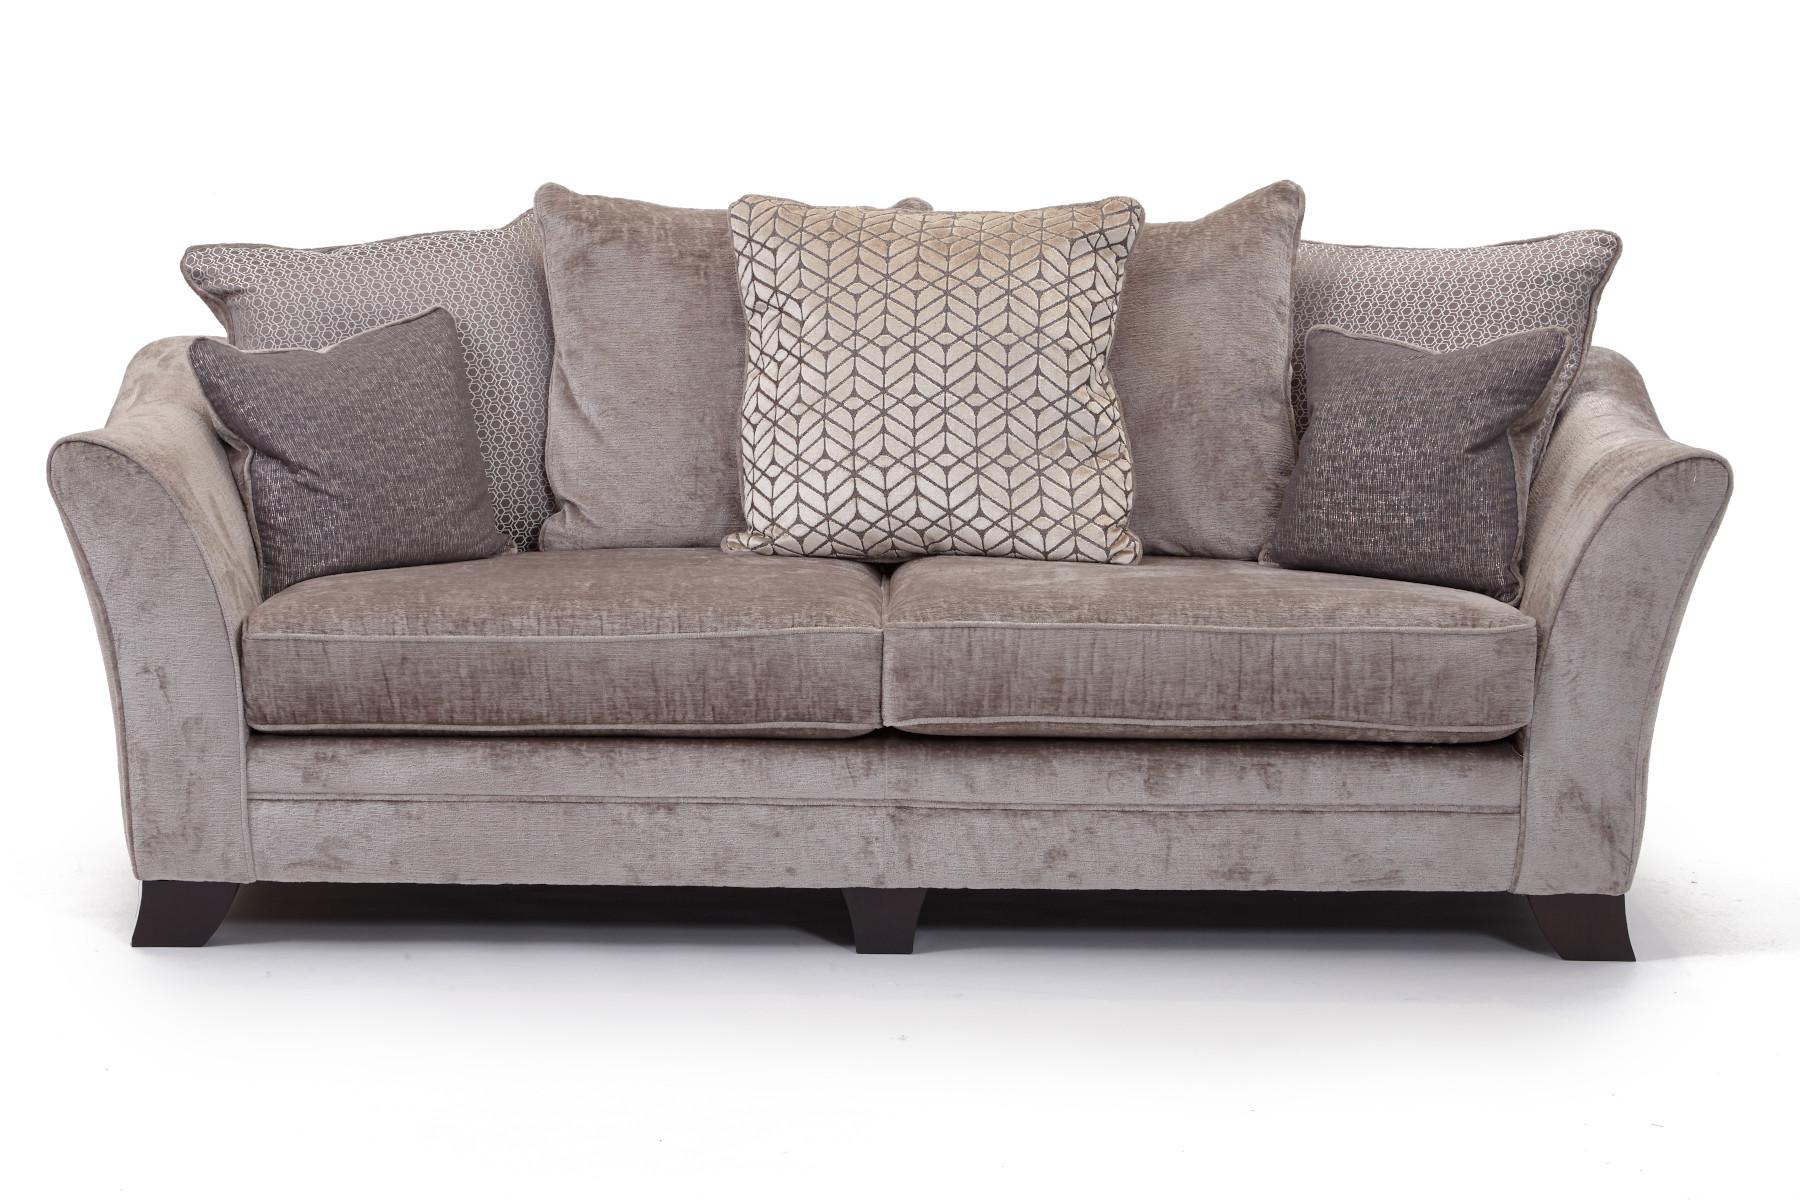 Margate 4 Seater Sofa